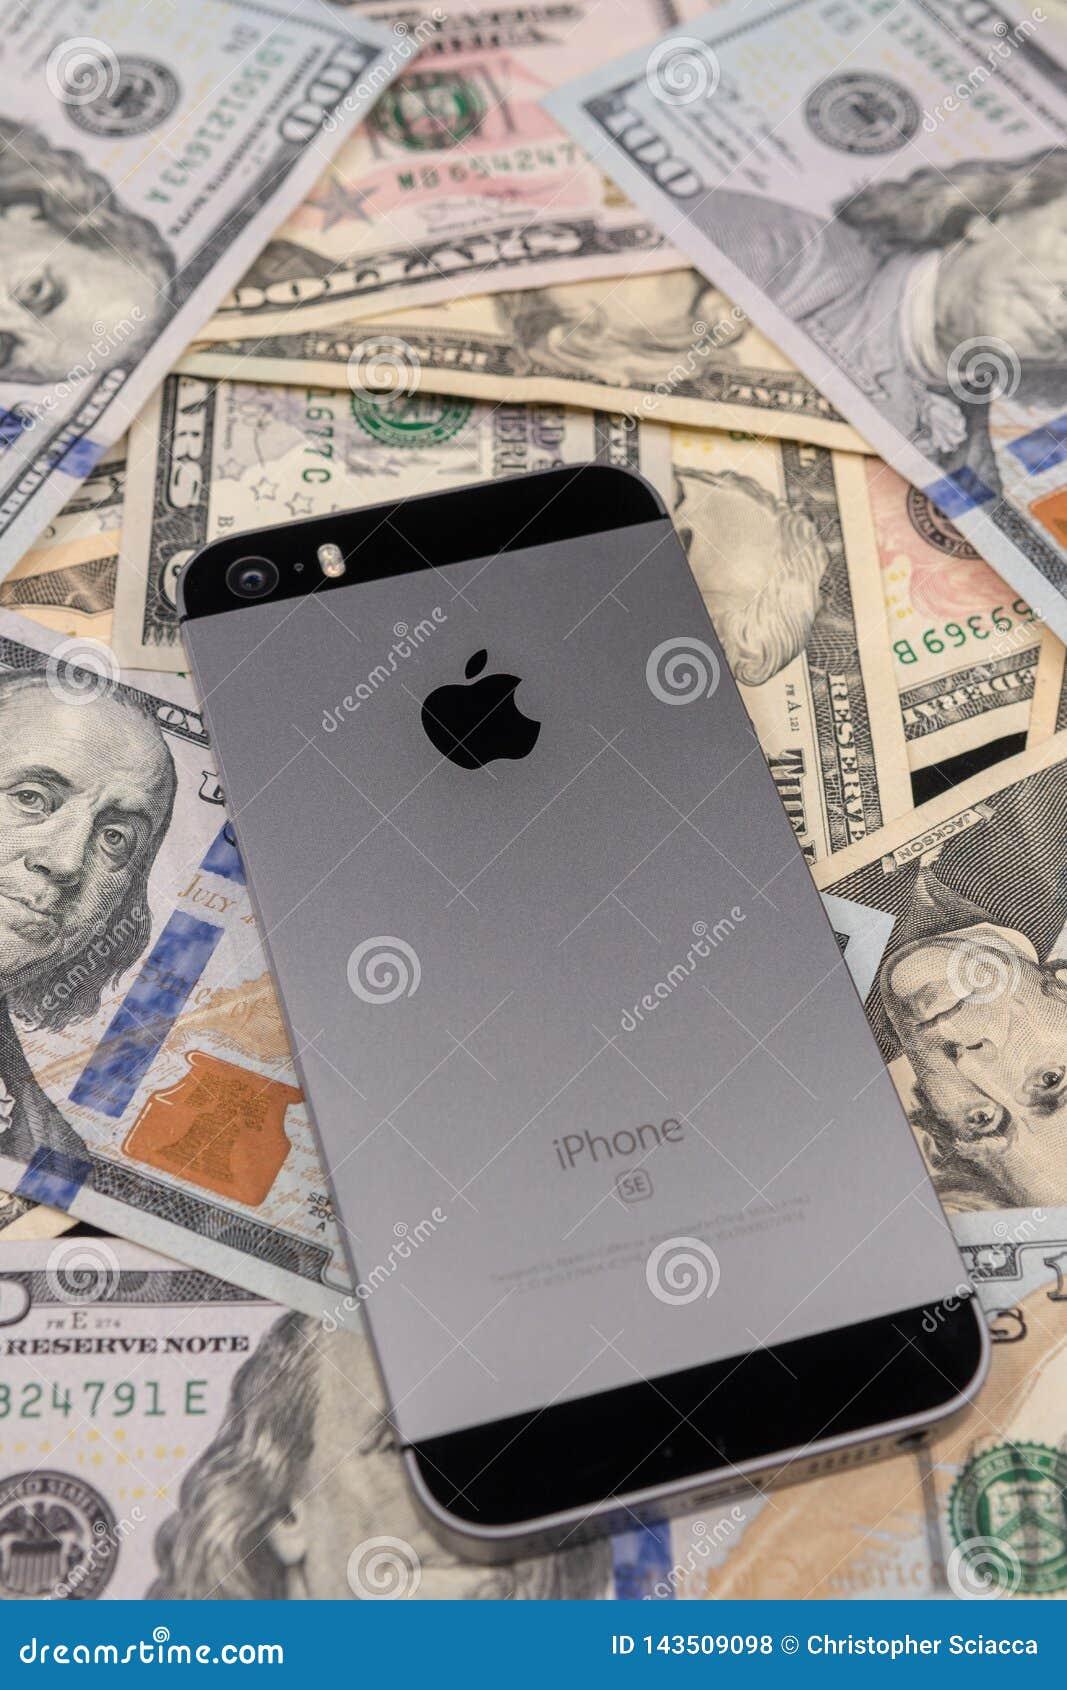 Selinsgrove, PA, USA - 31. März 2019: Ein Apple-iPhone sitzt auf einen Stapel von Währung Vereinigter Staaten